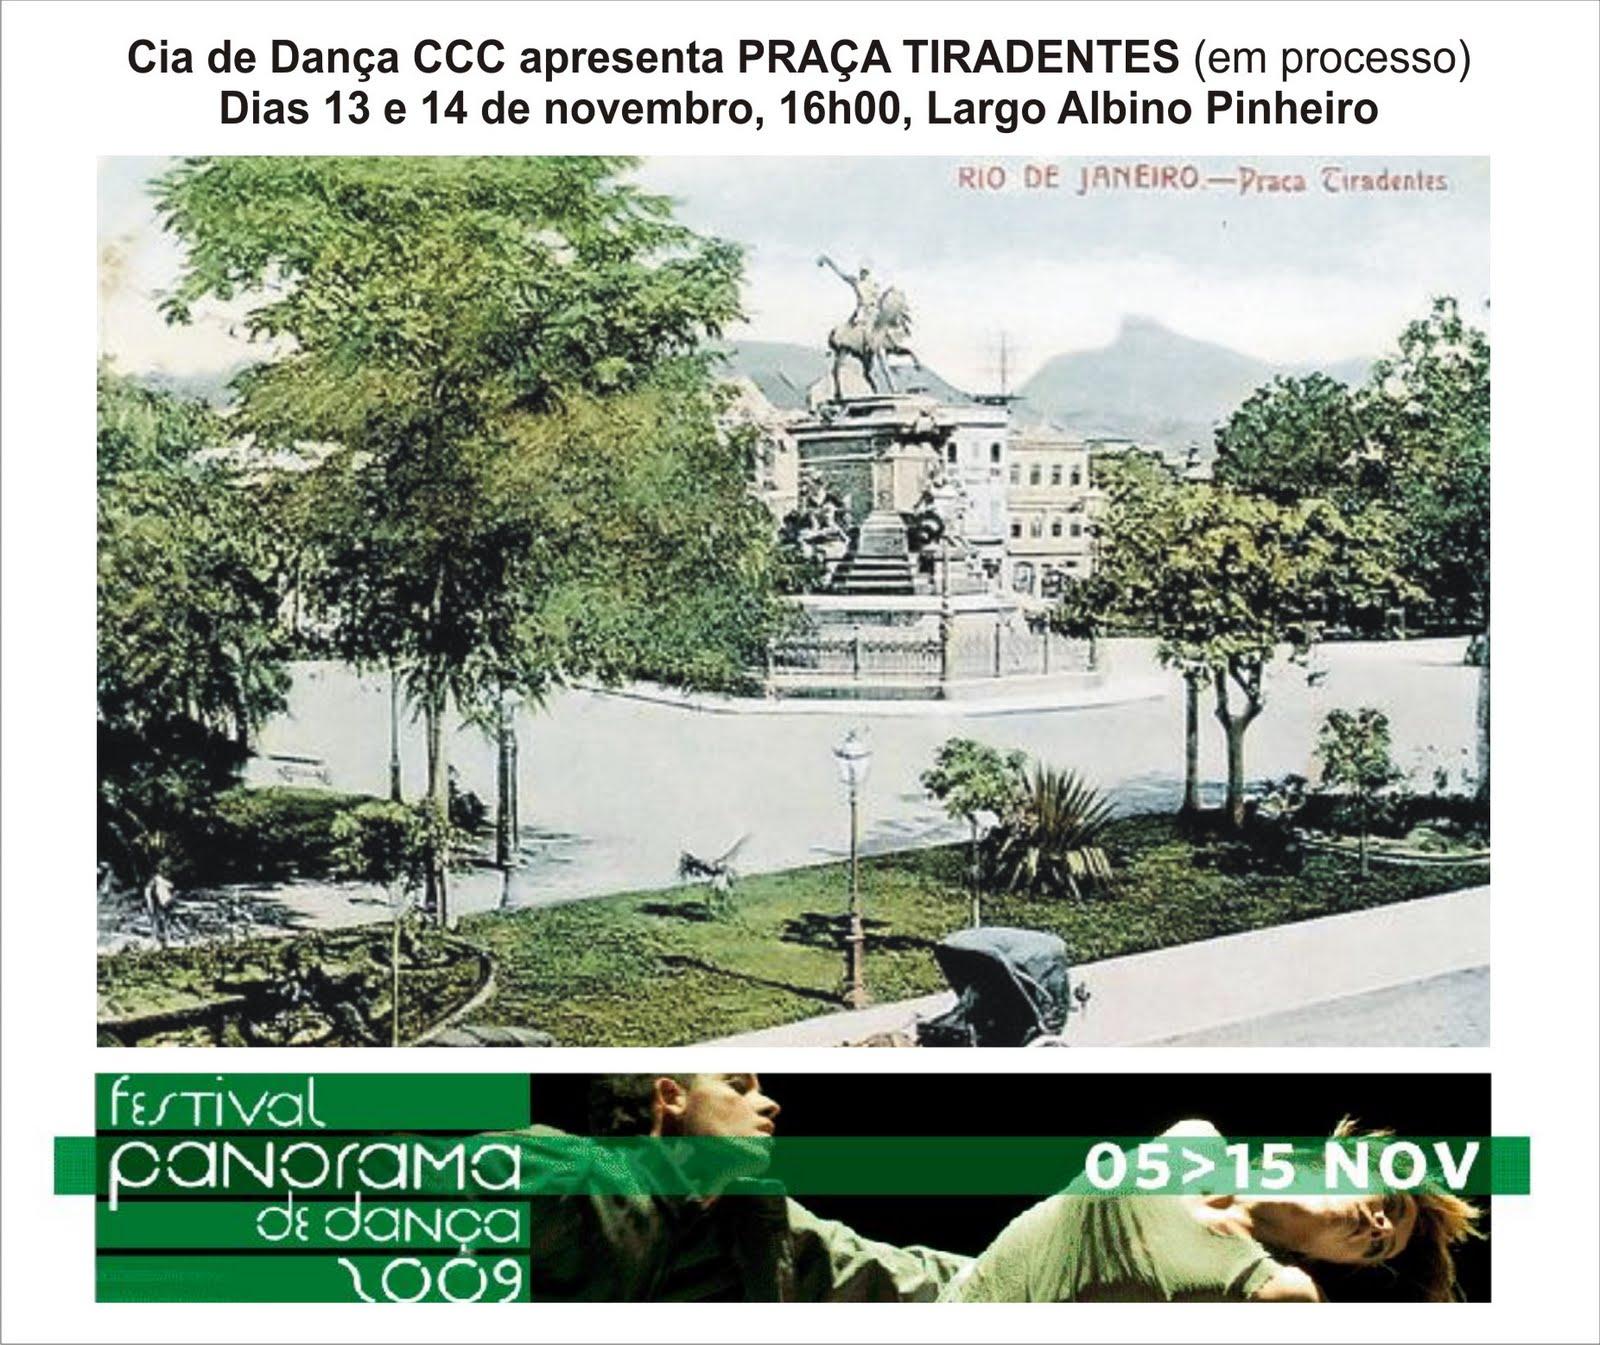 [Cia+CCC+no+Panorama+de+Dança+2009]